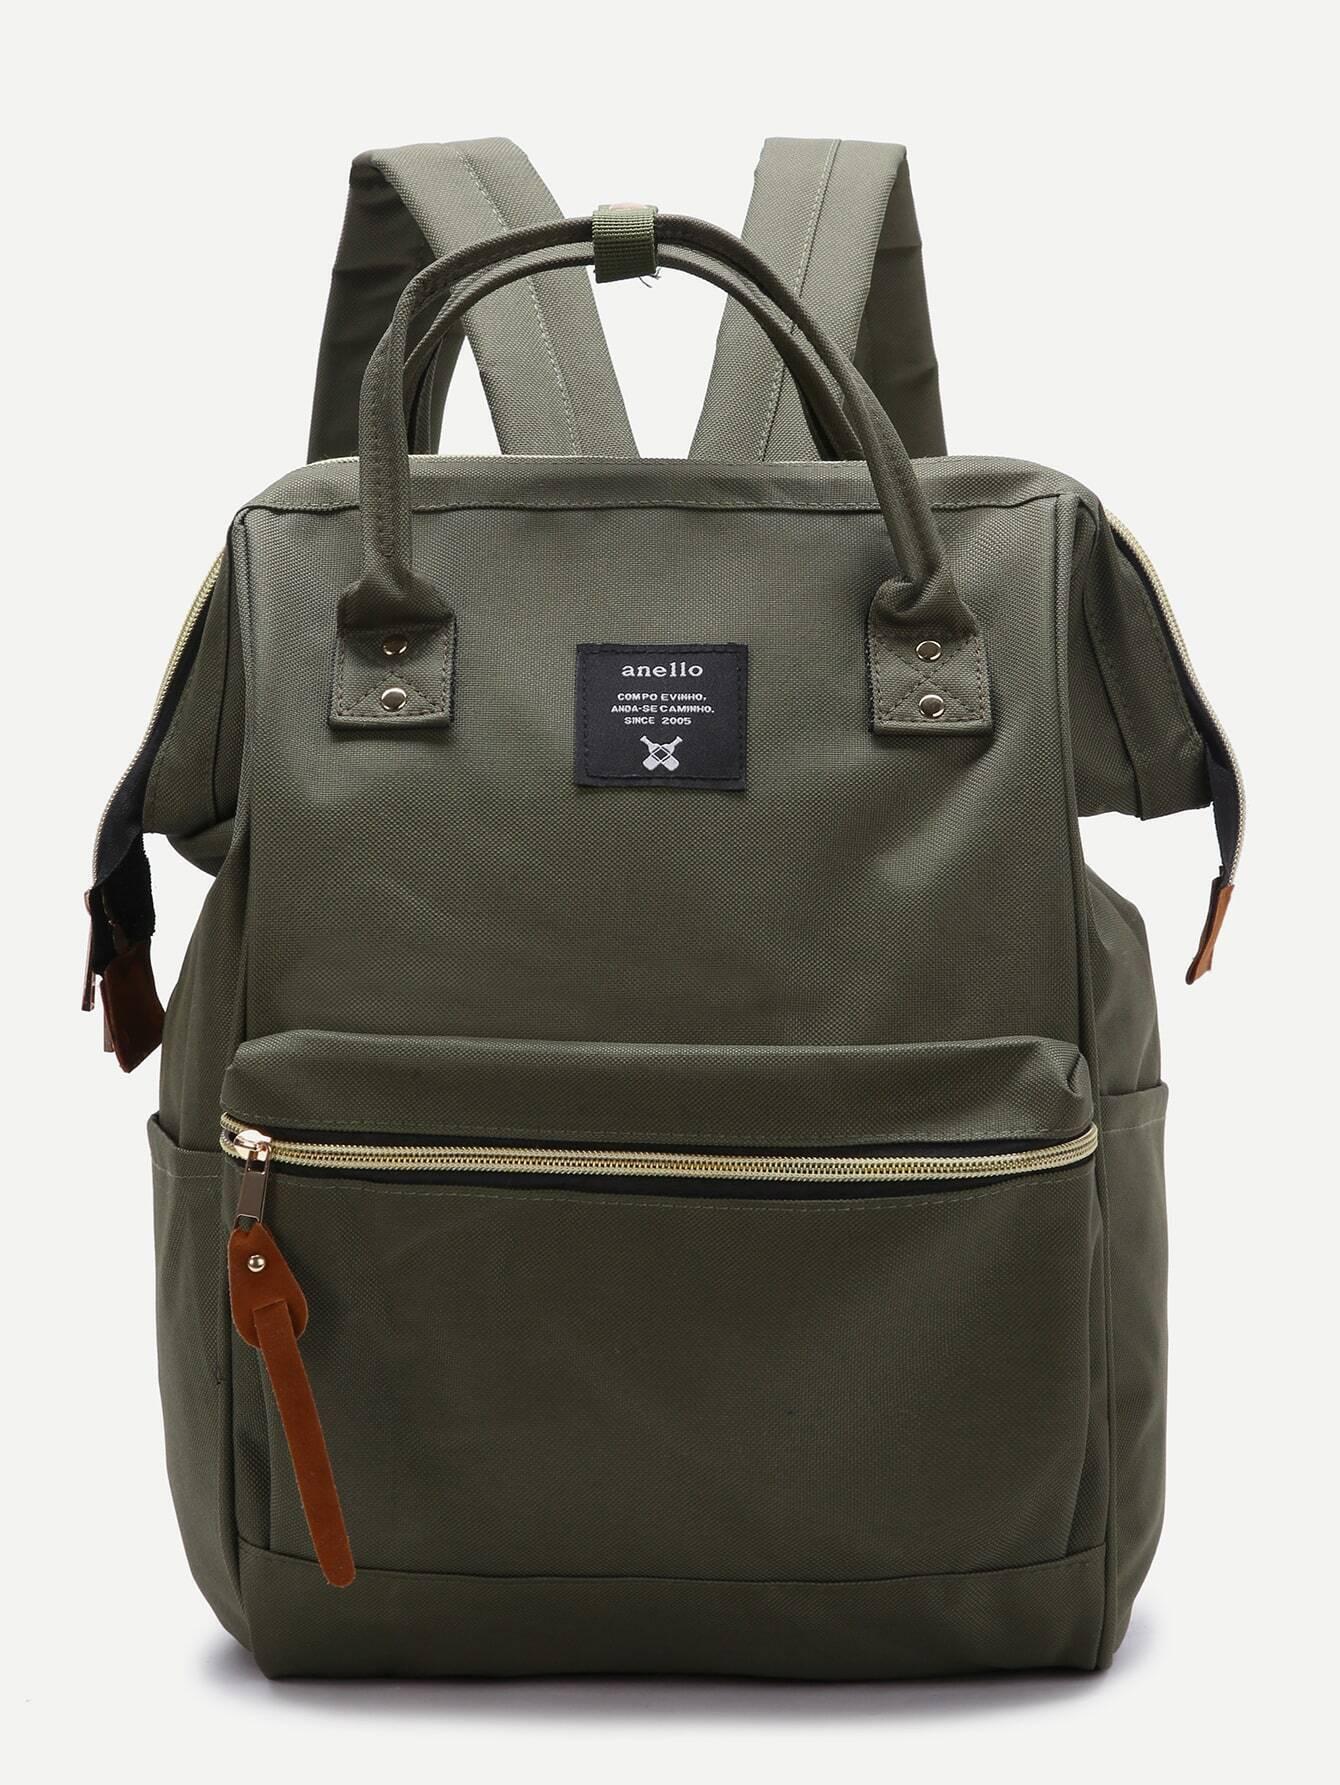 Green Zip Closure Canvas BackpackGreen Zip Closure Canvas Backpack<br><br>color: Green<br>size: None